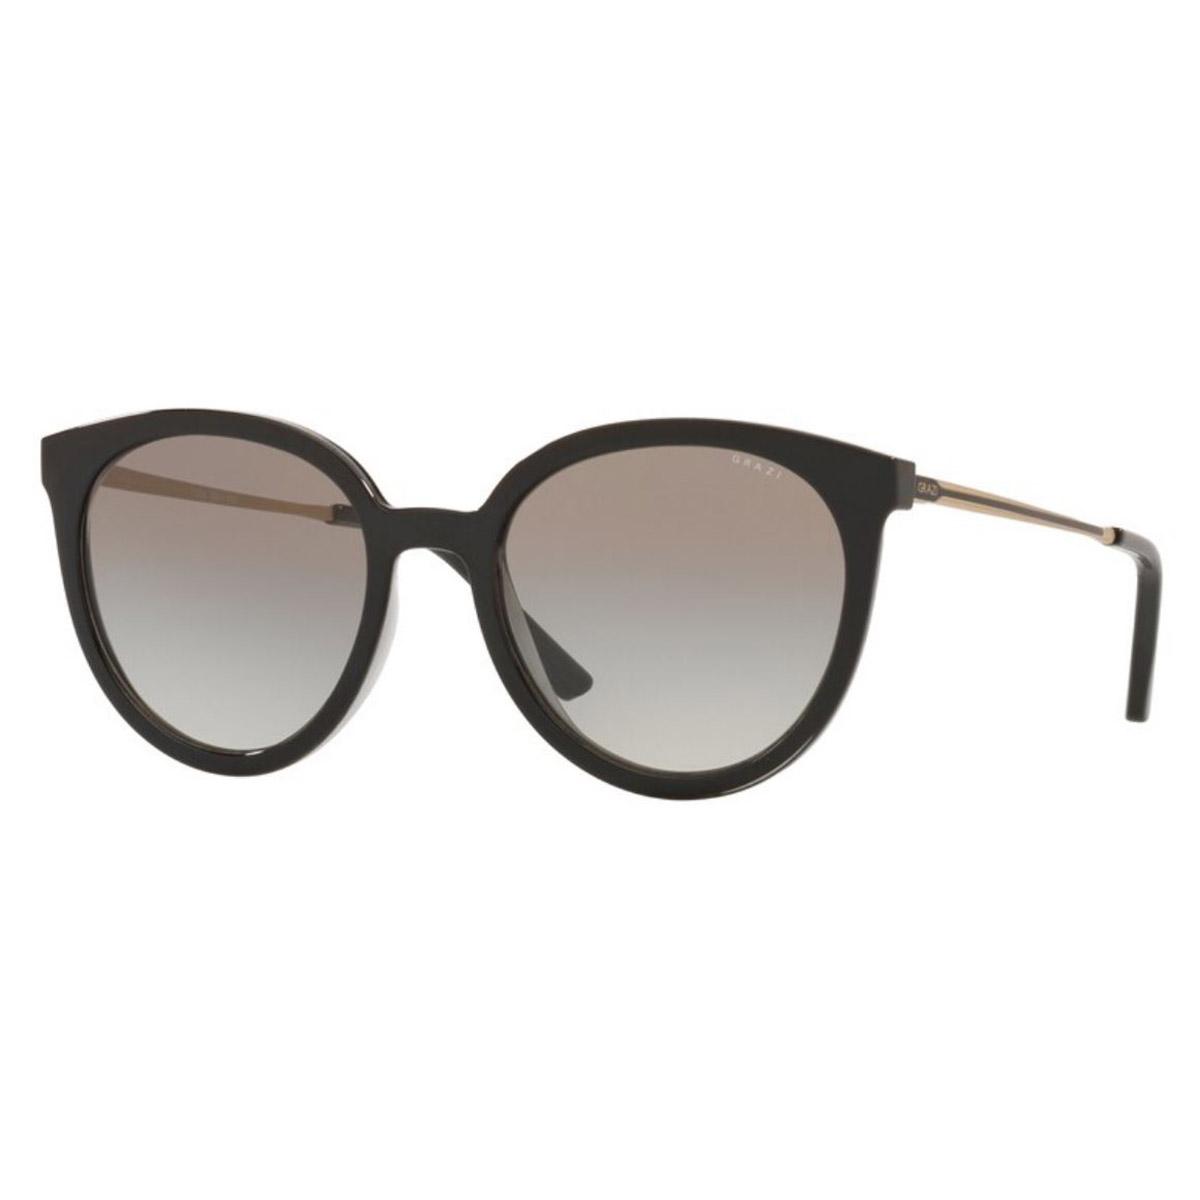 Óculos de Sol Feminino Grazi GZ4042 Preto Brilho Redondo